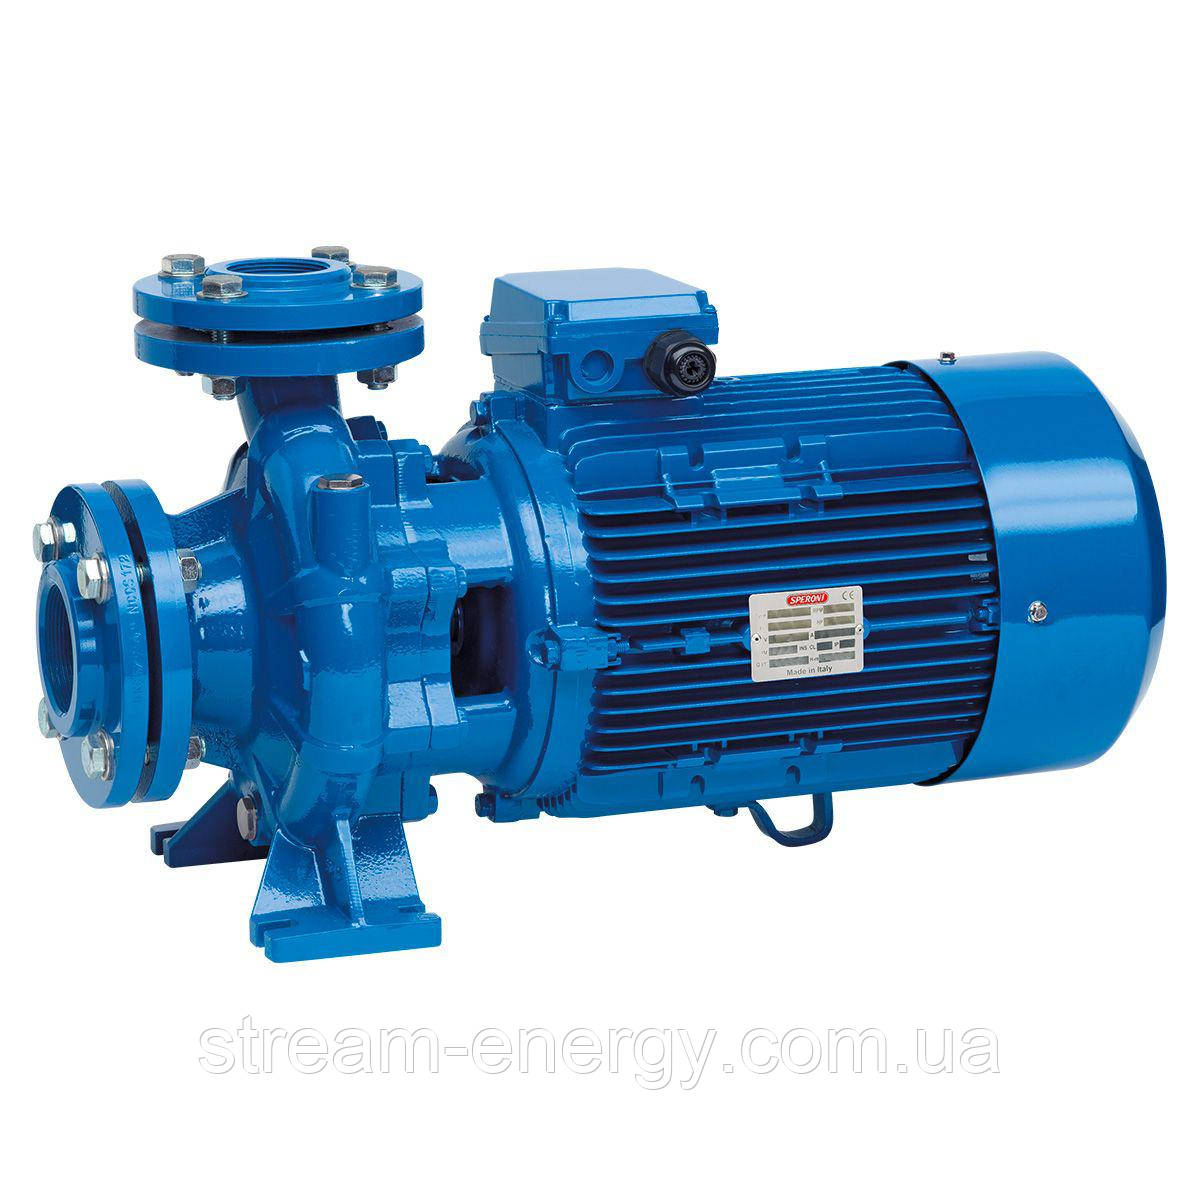 Відцентровий моноблочний насос Speroni CS 65-160E, подача до 120 м3/год